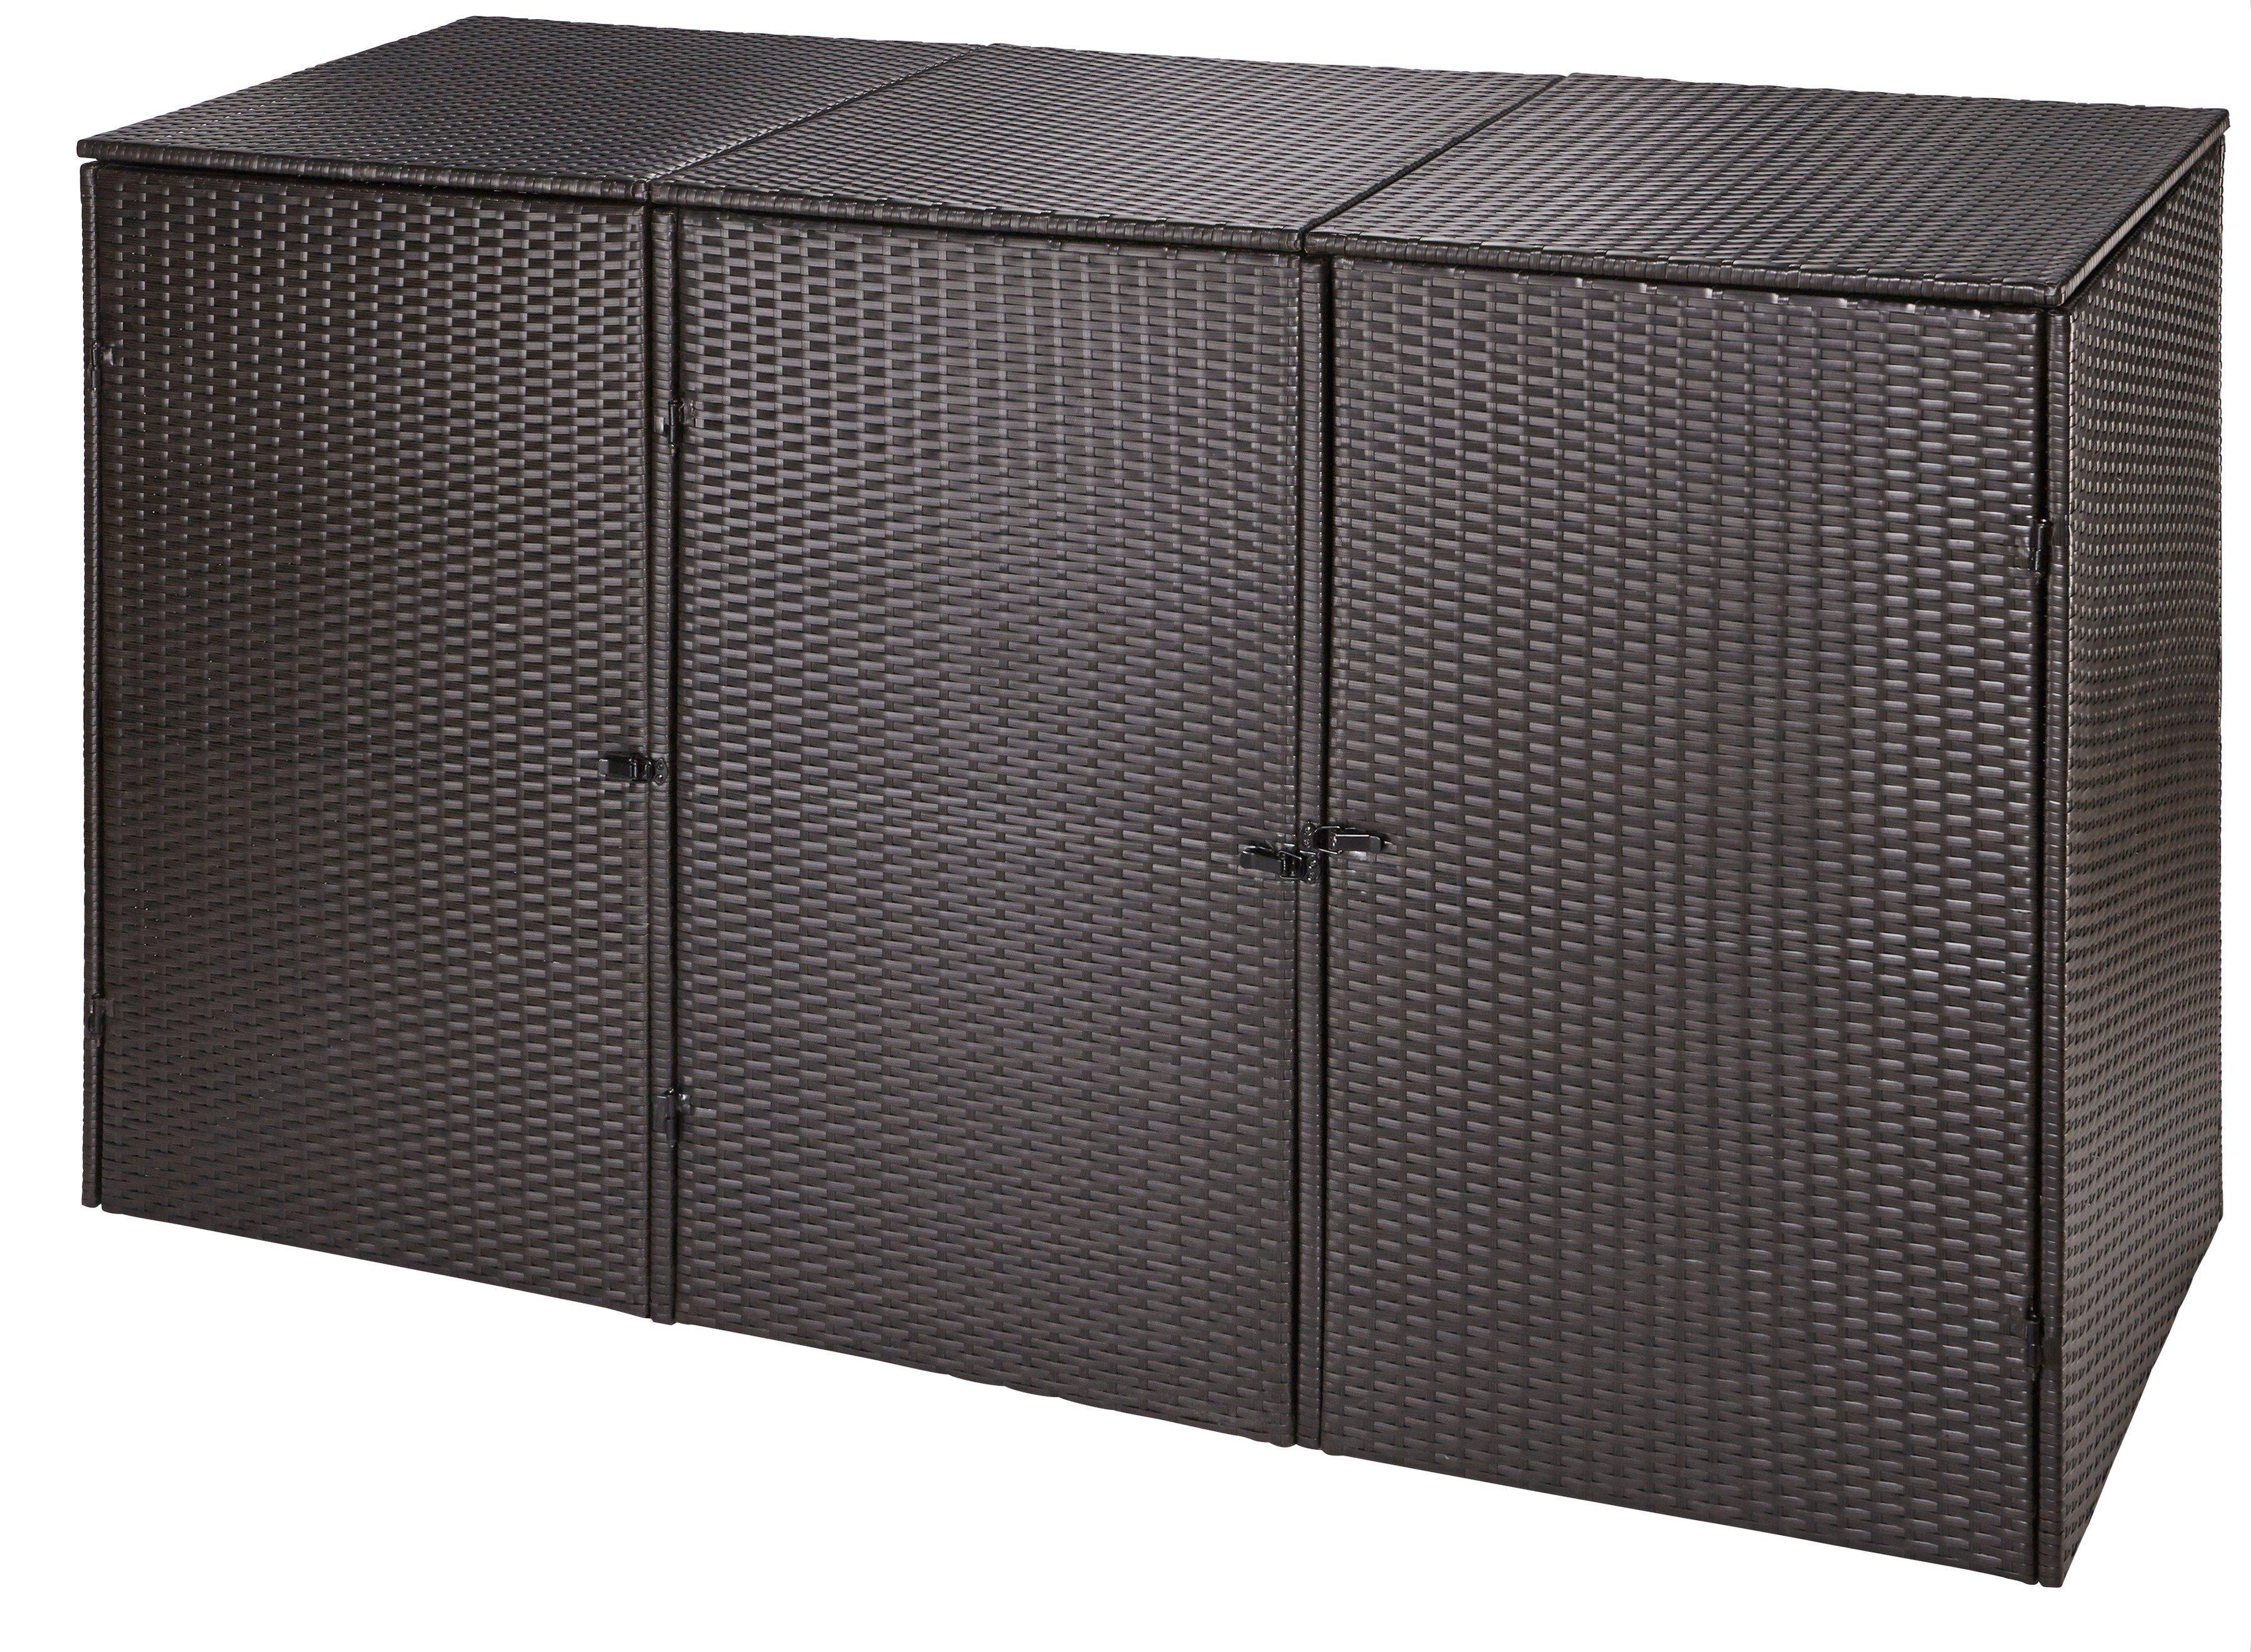 HANSE GARTENLAND Mülltonnenbox , für 3x240 l aus Polyrattan, B/T/H: 228/78/123 cm